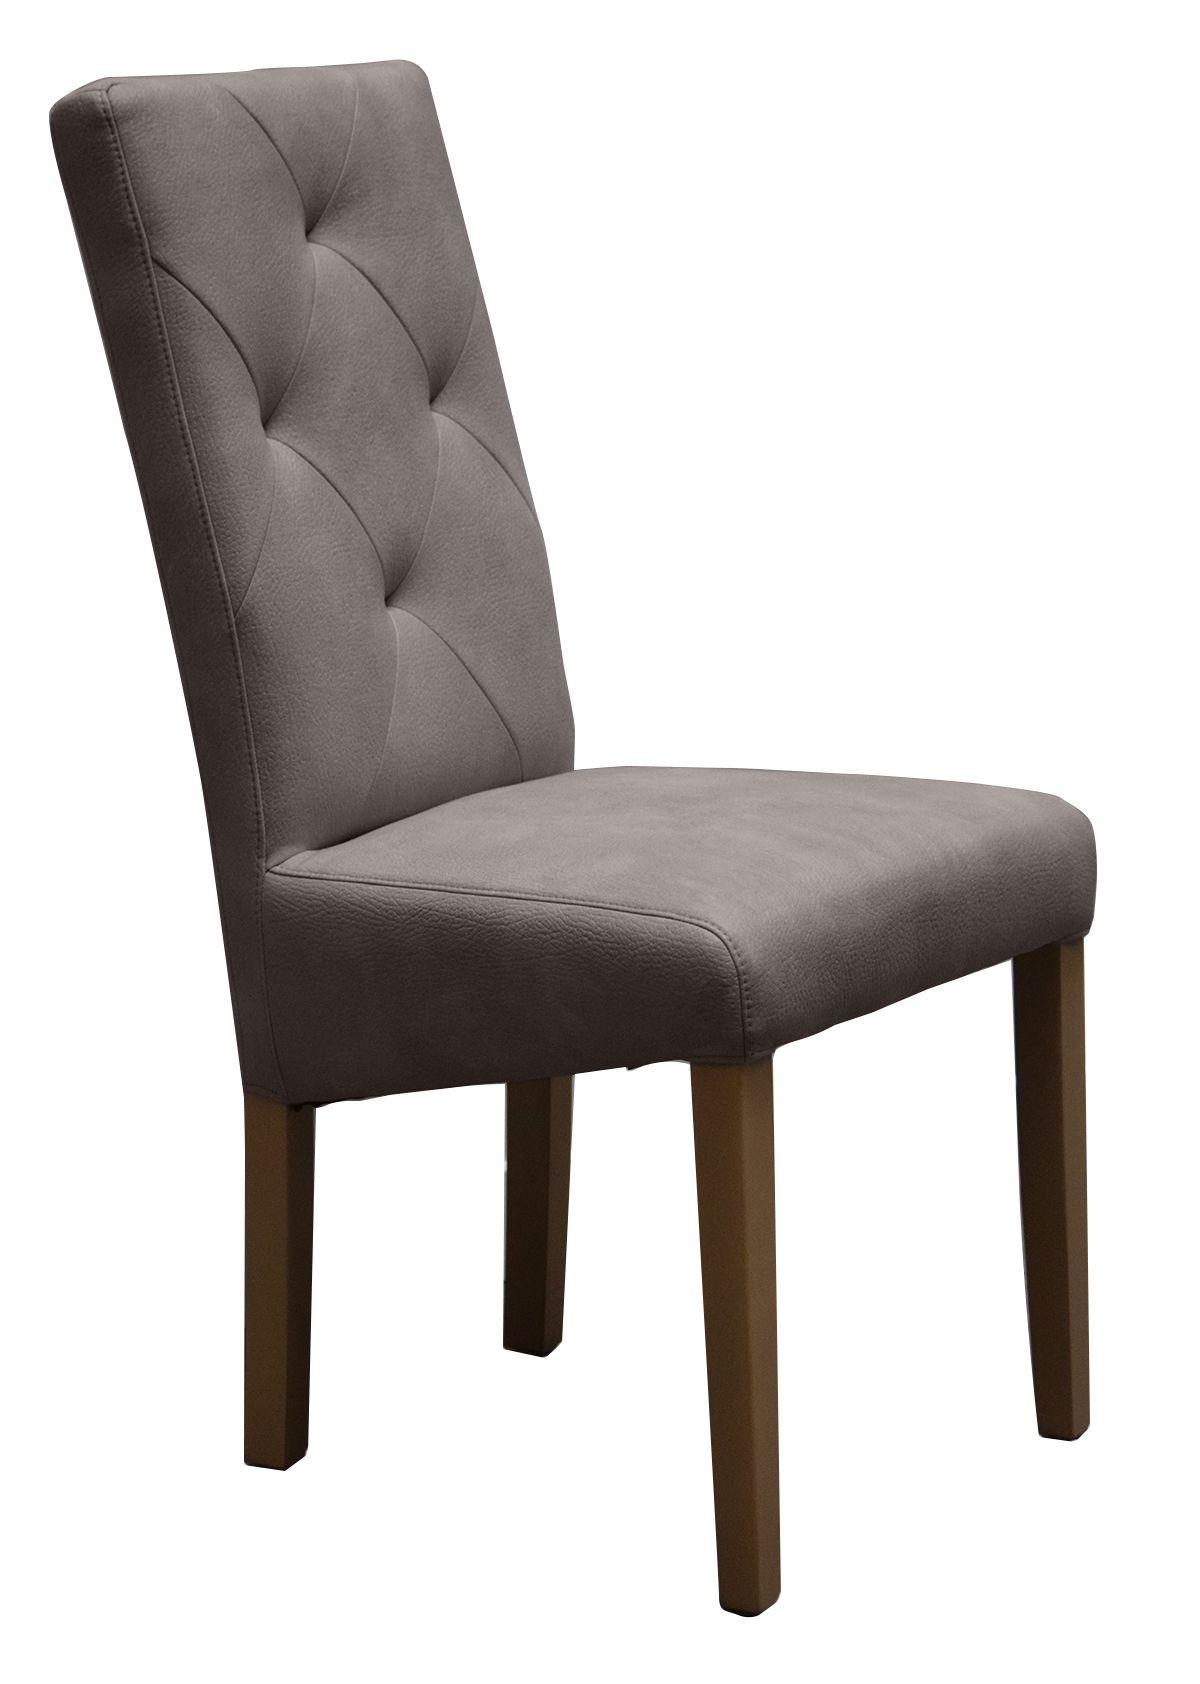 Chaise salle à manger taupe capitonnée MANOIR | Salle à